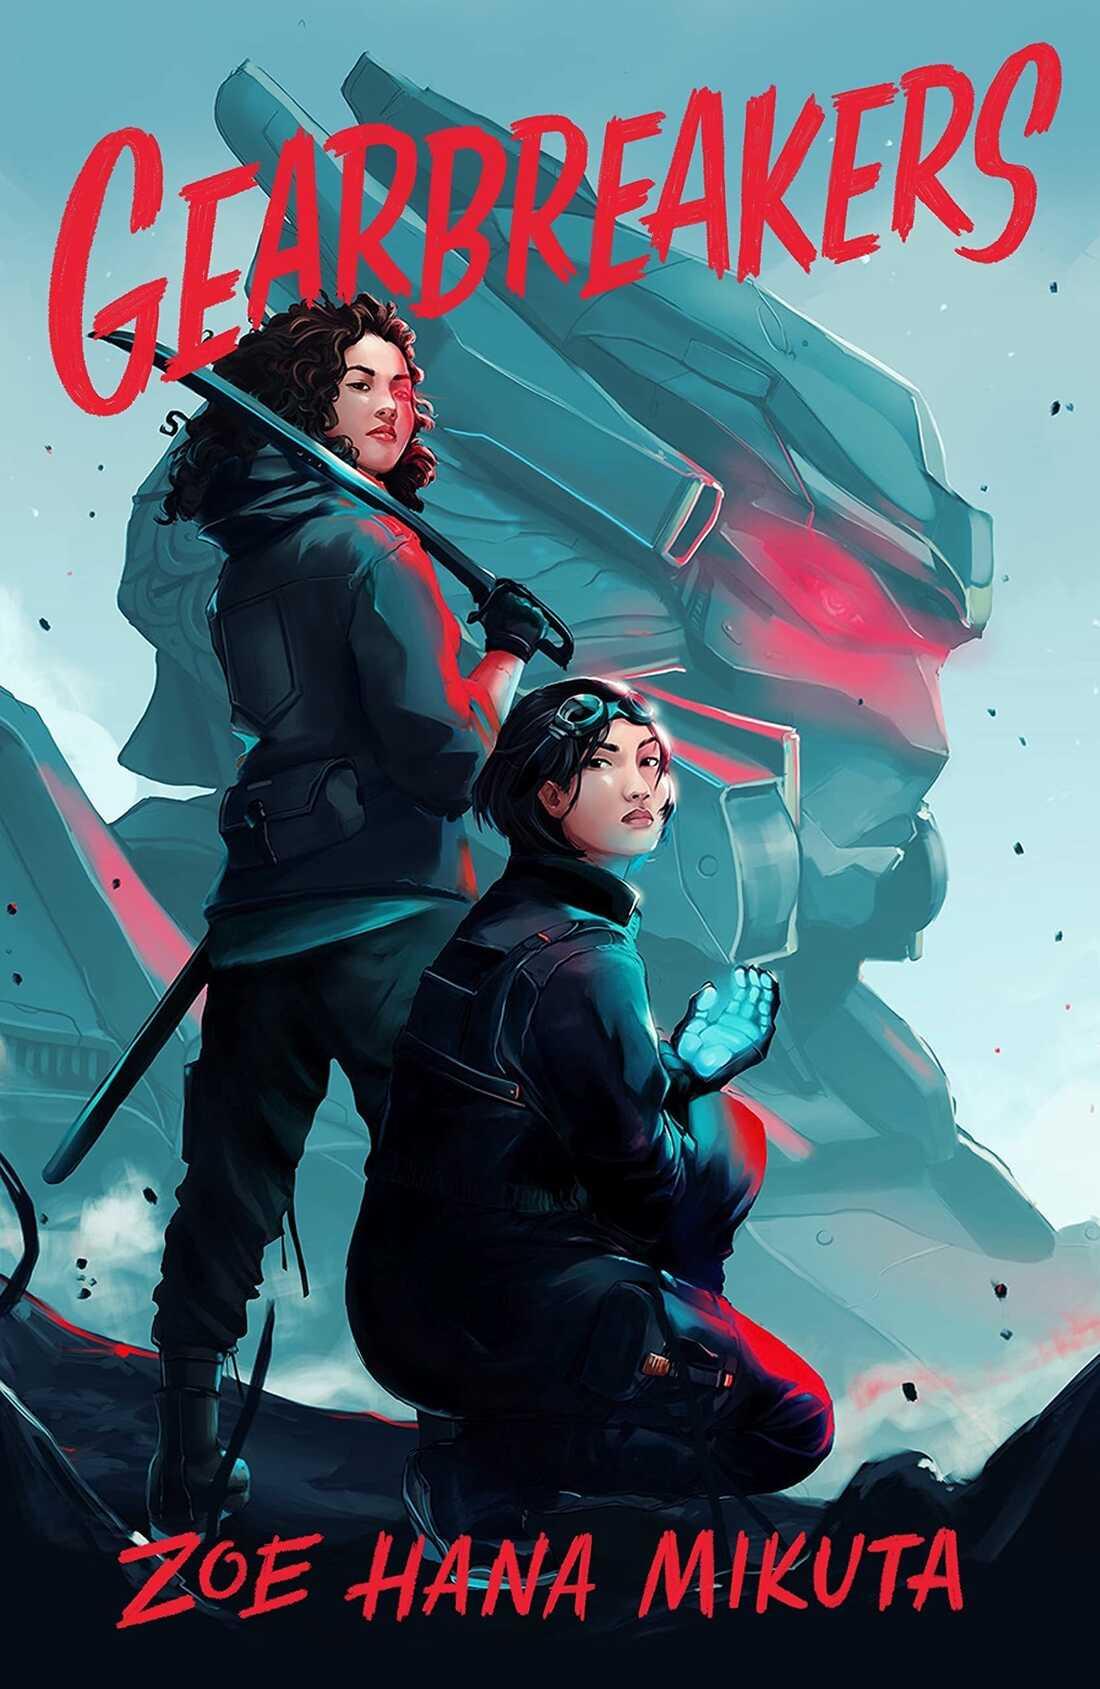 Gearbreakers, by Zoe Hana Mikuta